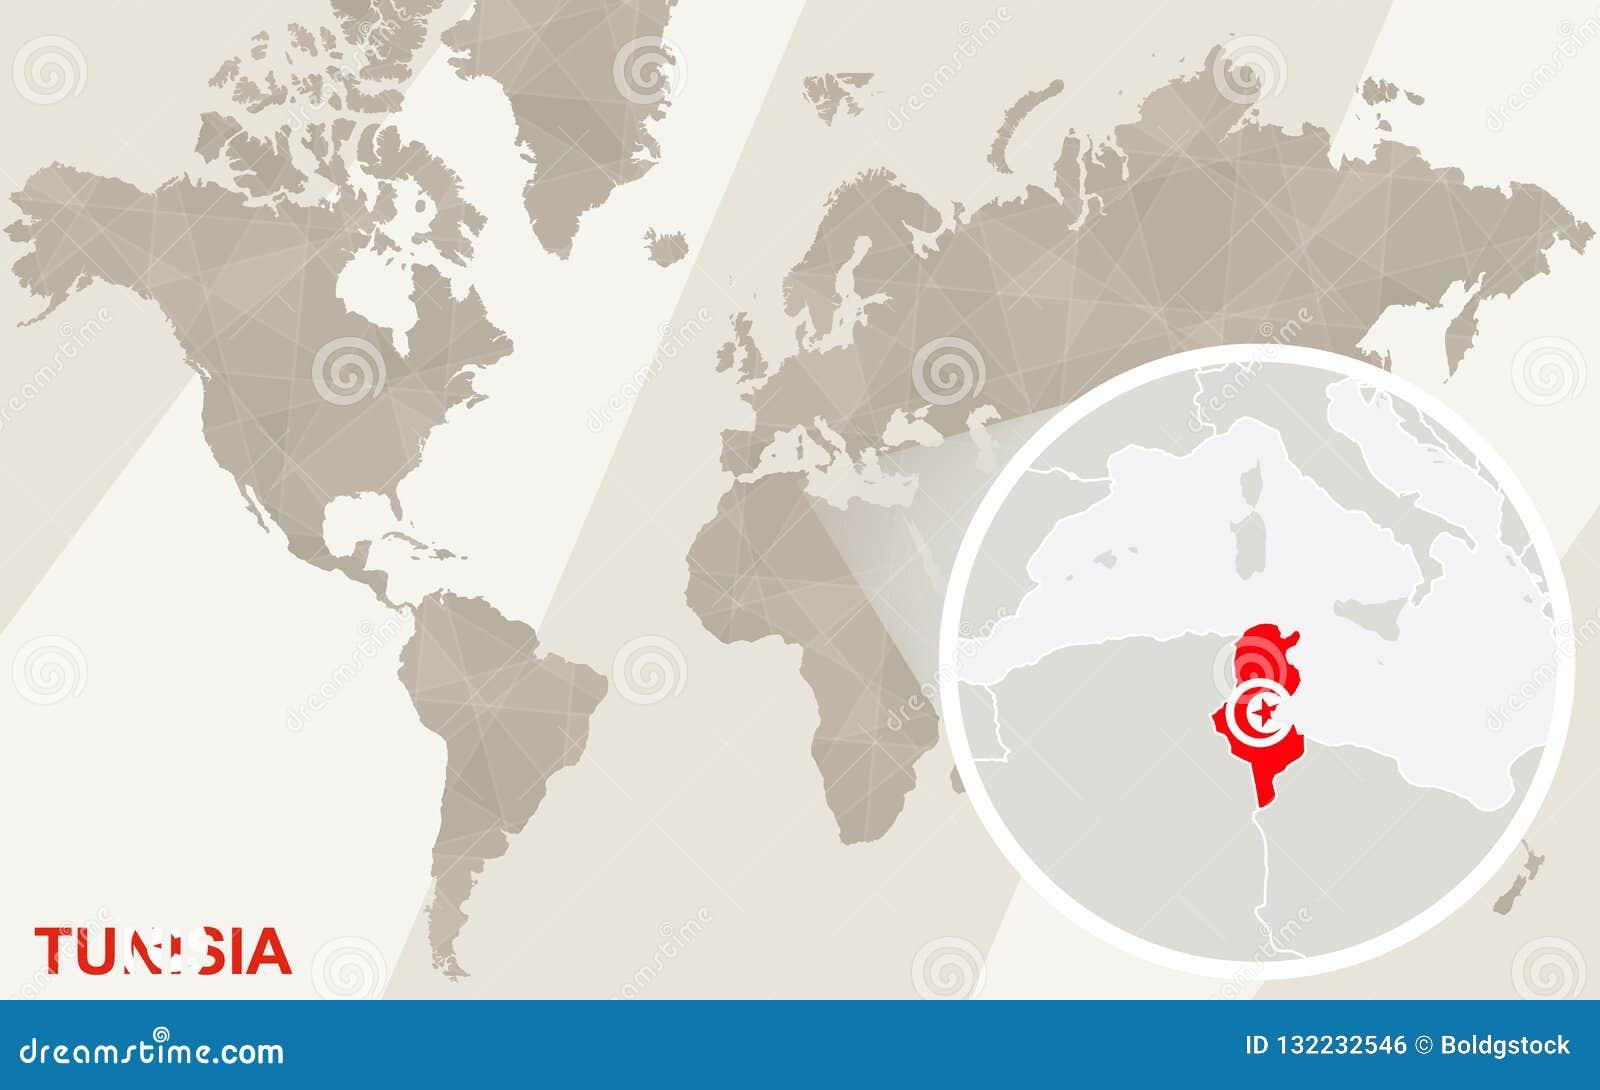 Tunesien Karte Welt.Lautes Summen Auf Tunesien Karte Und Flagge Karte Der Welt